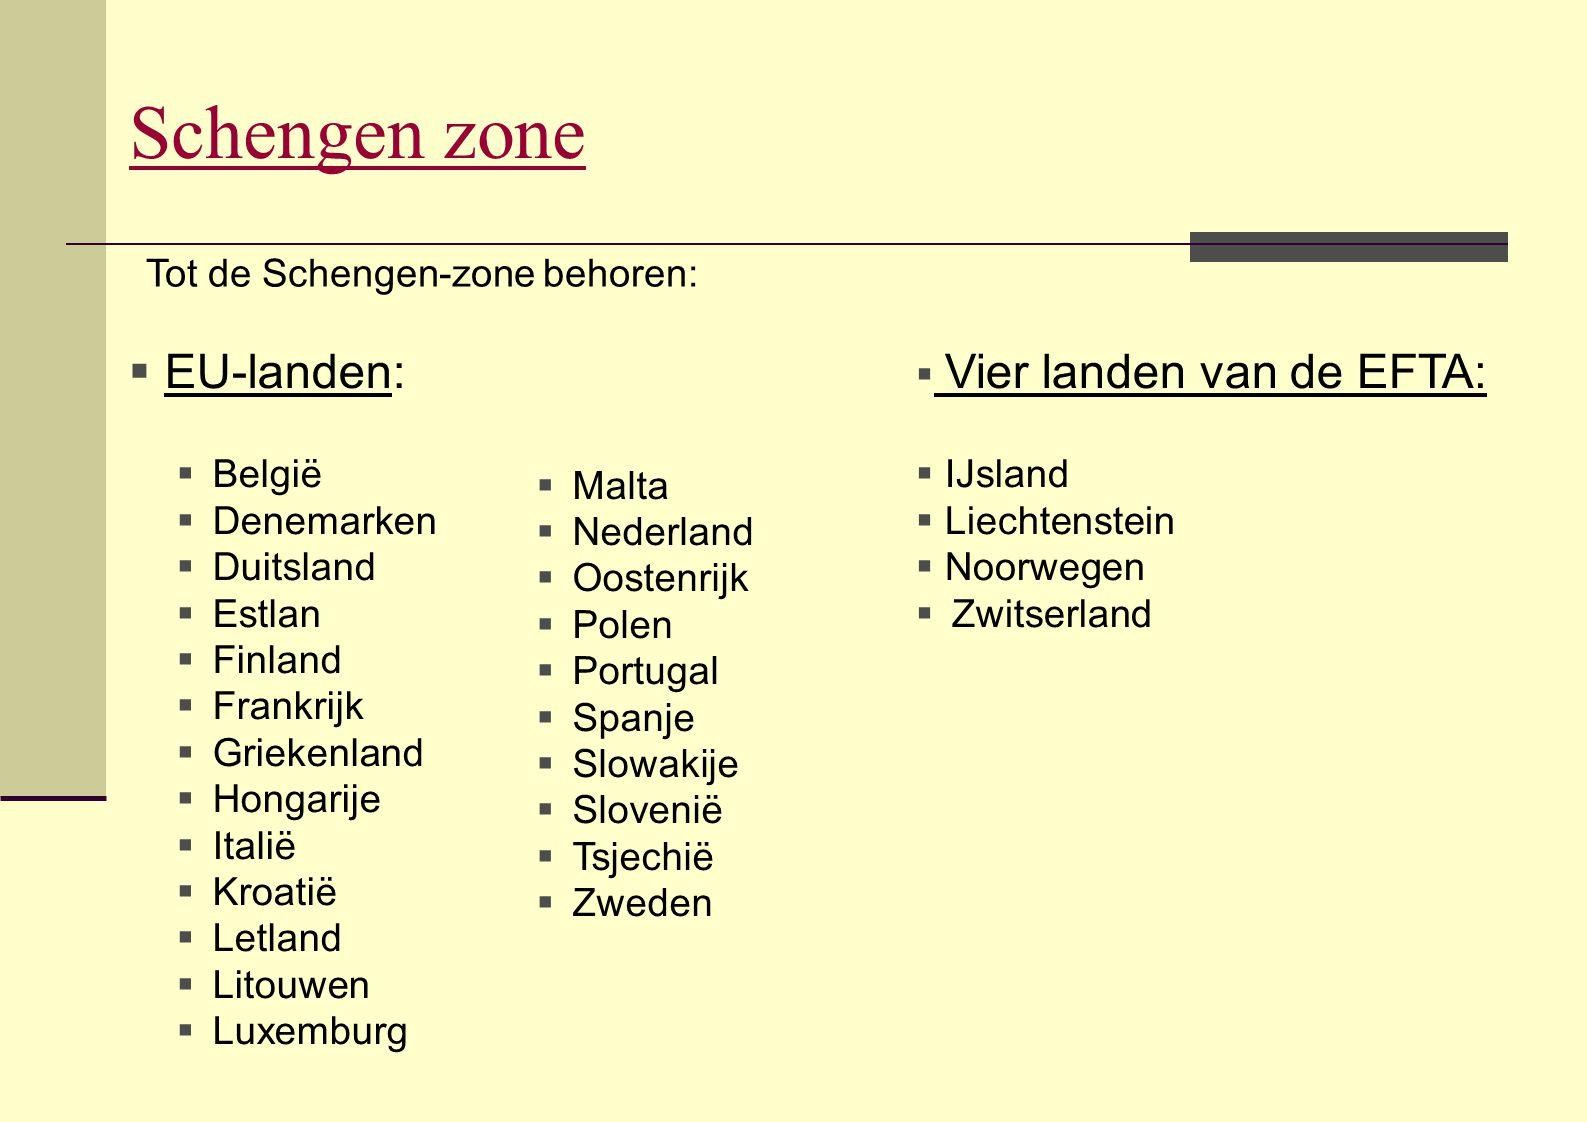 Voorwaarden en procedure regularisatie  Humanitaire regularisatie = aanvraag artikel 9bis Verblijfswet  In België een machtiging tot verblijf aanvragen omwille van redenen die geen afdwingbaar recht op verblijf geven volgens de Verblijfswet  Voorwaarden voor een ontvankelijke 9bis aanvraag:  Feitelijke verblijfplaats in België (ontvangstbewijs na positieve woonstcontrole)  Buitengewone omstandigheden die aanvraag in België rechtvaardigen (aantonen dat aanvraag bij ambassade in buitenland onmogelijk of bijzonder moeilijk is)  Identiteitsdocument of vrijstelling daarvan aantonen  Nieuwe elementen bij een nieuwe aanvraag  Criteria ten gronde voor regularisatie: lange asielprocedure, prangende humanitaire situatie, staatloos of niet-repatrieerbaar, … (instructie van 19/7/2009: vernietigd door RvS 9/12/2009; maar door Staatssecretaris en DVZ bevestigd als (niet-bindende) leidraad voor criteria ten gronde)  Geen wettig verblijfsdocument tijdens procedure  Indien goedgekeurd:  ofwel eerst tijdelijk BIVR (A kaart, meestal 1 jaar), vernieuwbaar als nog aan de voorwaarden voldaan is; na 5 jaar met A kaart geeft de DVZ in de praktijk een B kaart.